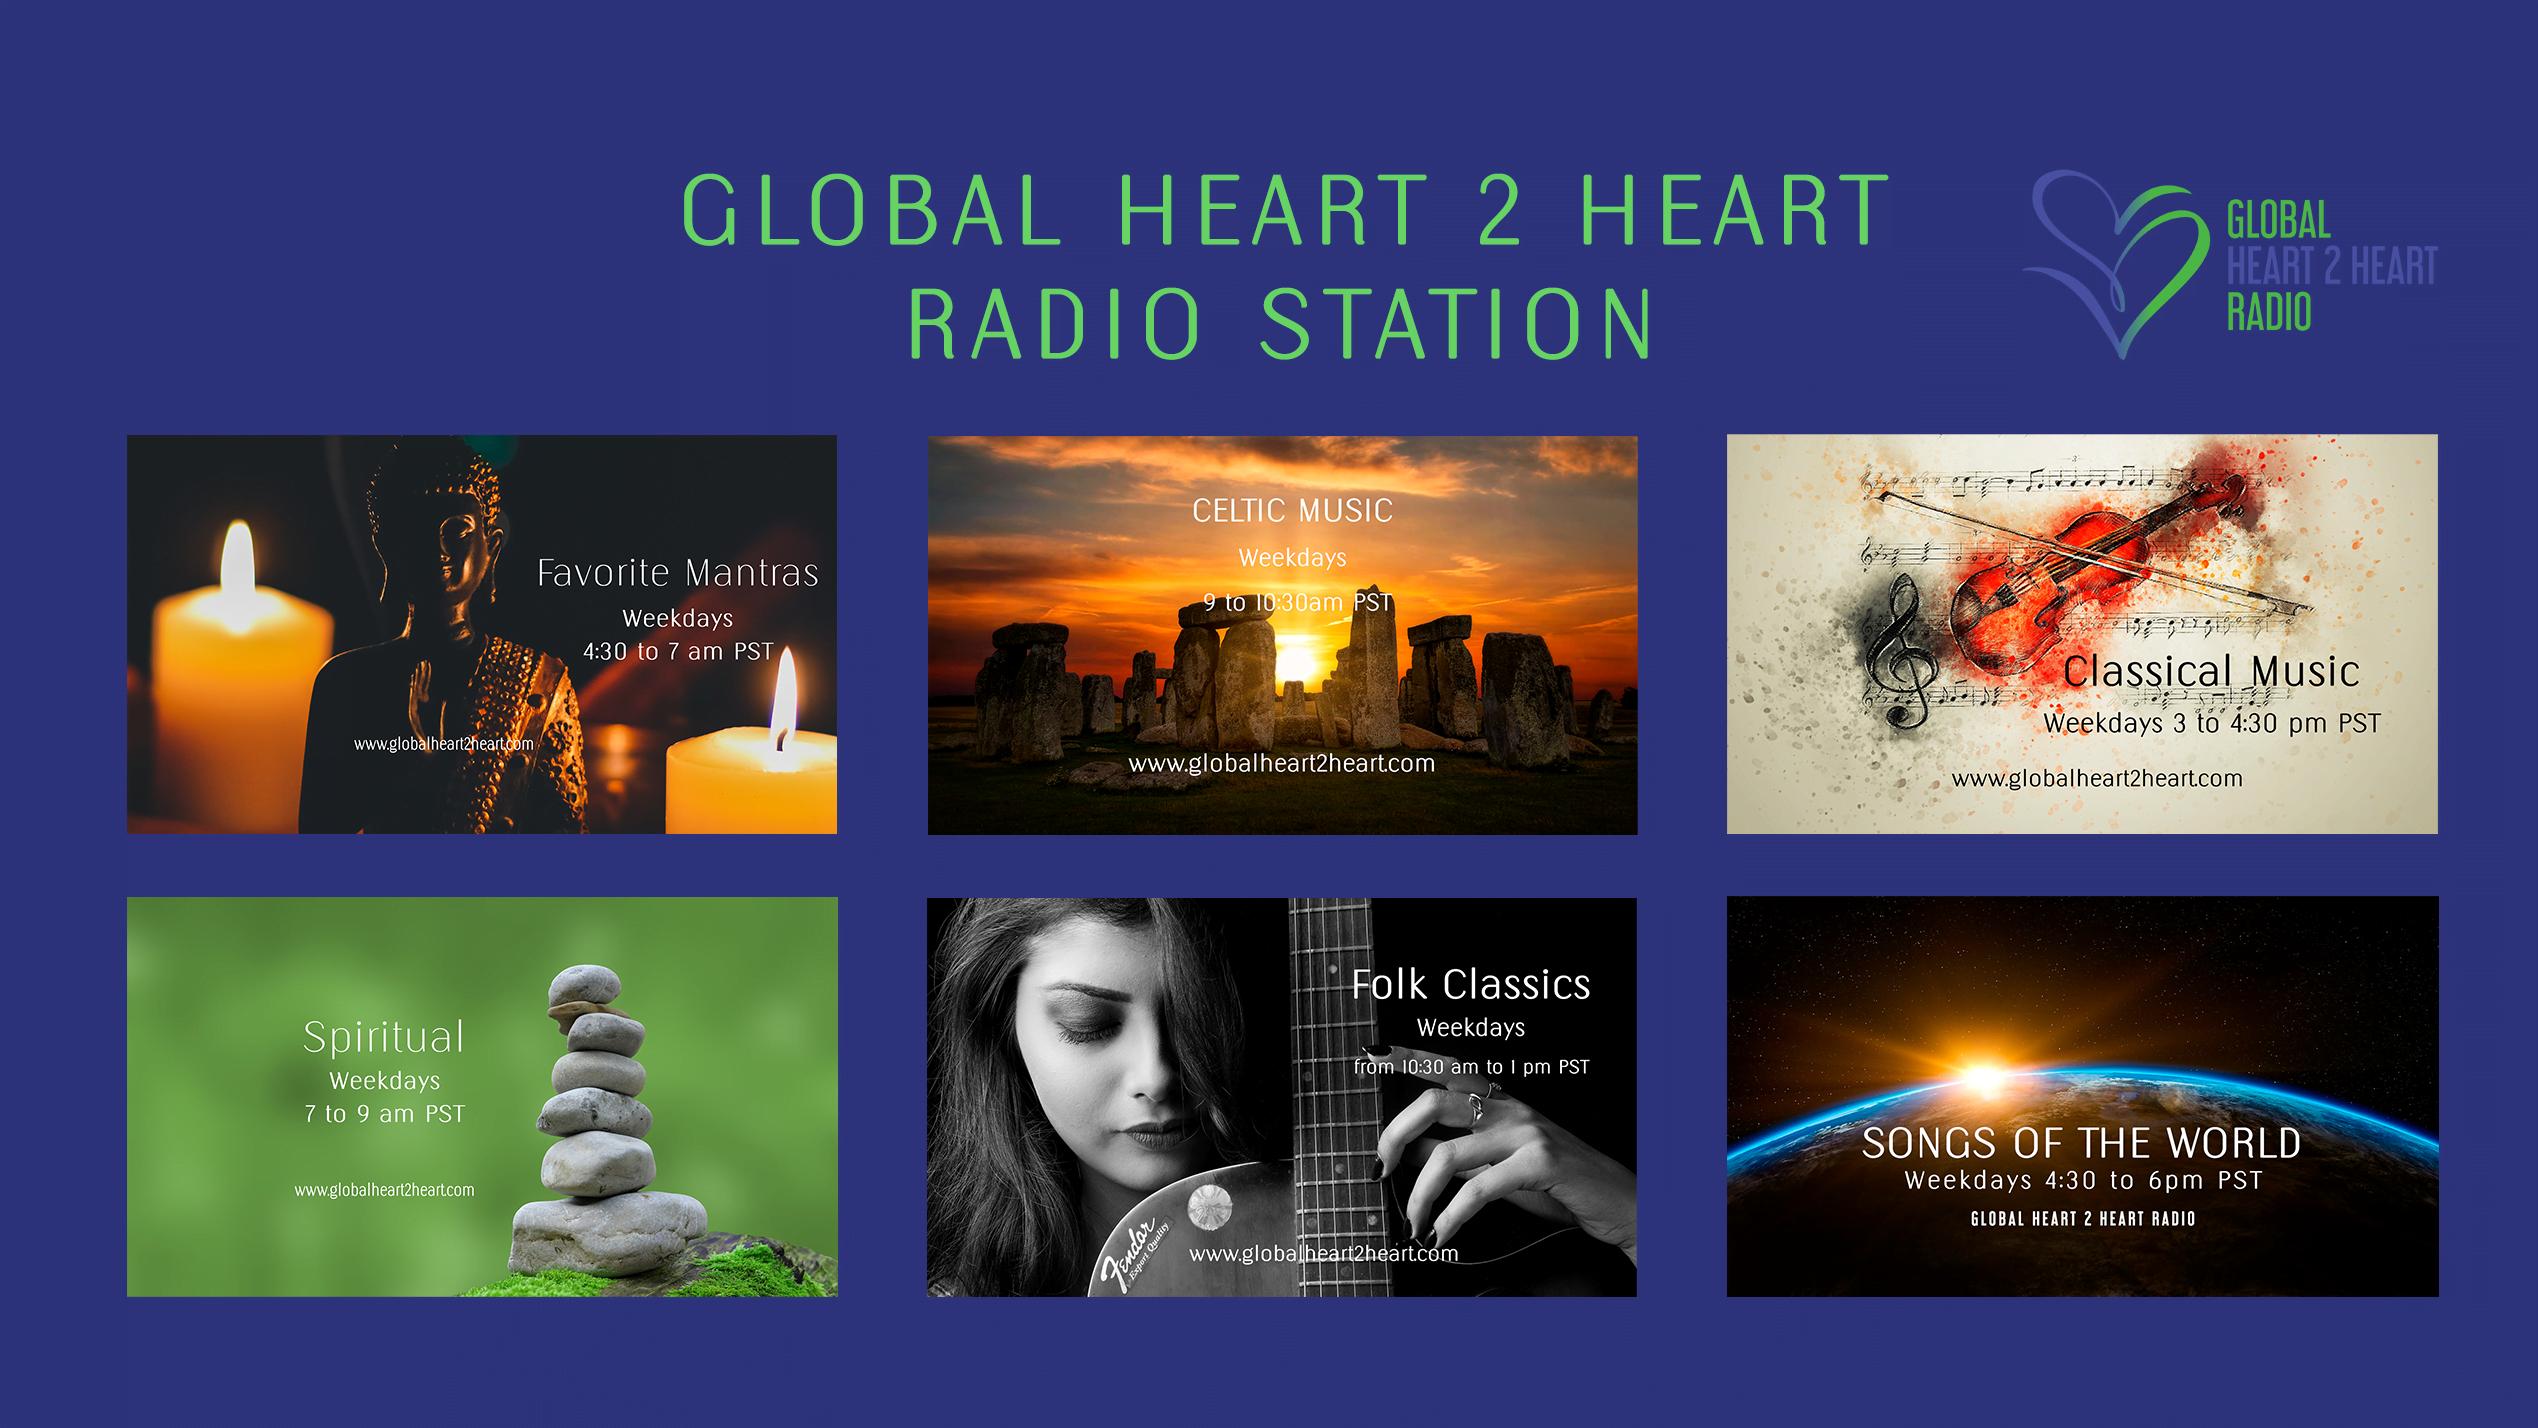 Global Heart 2 Heart Radio Schedule